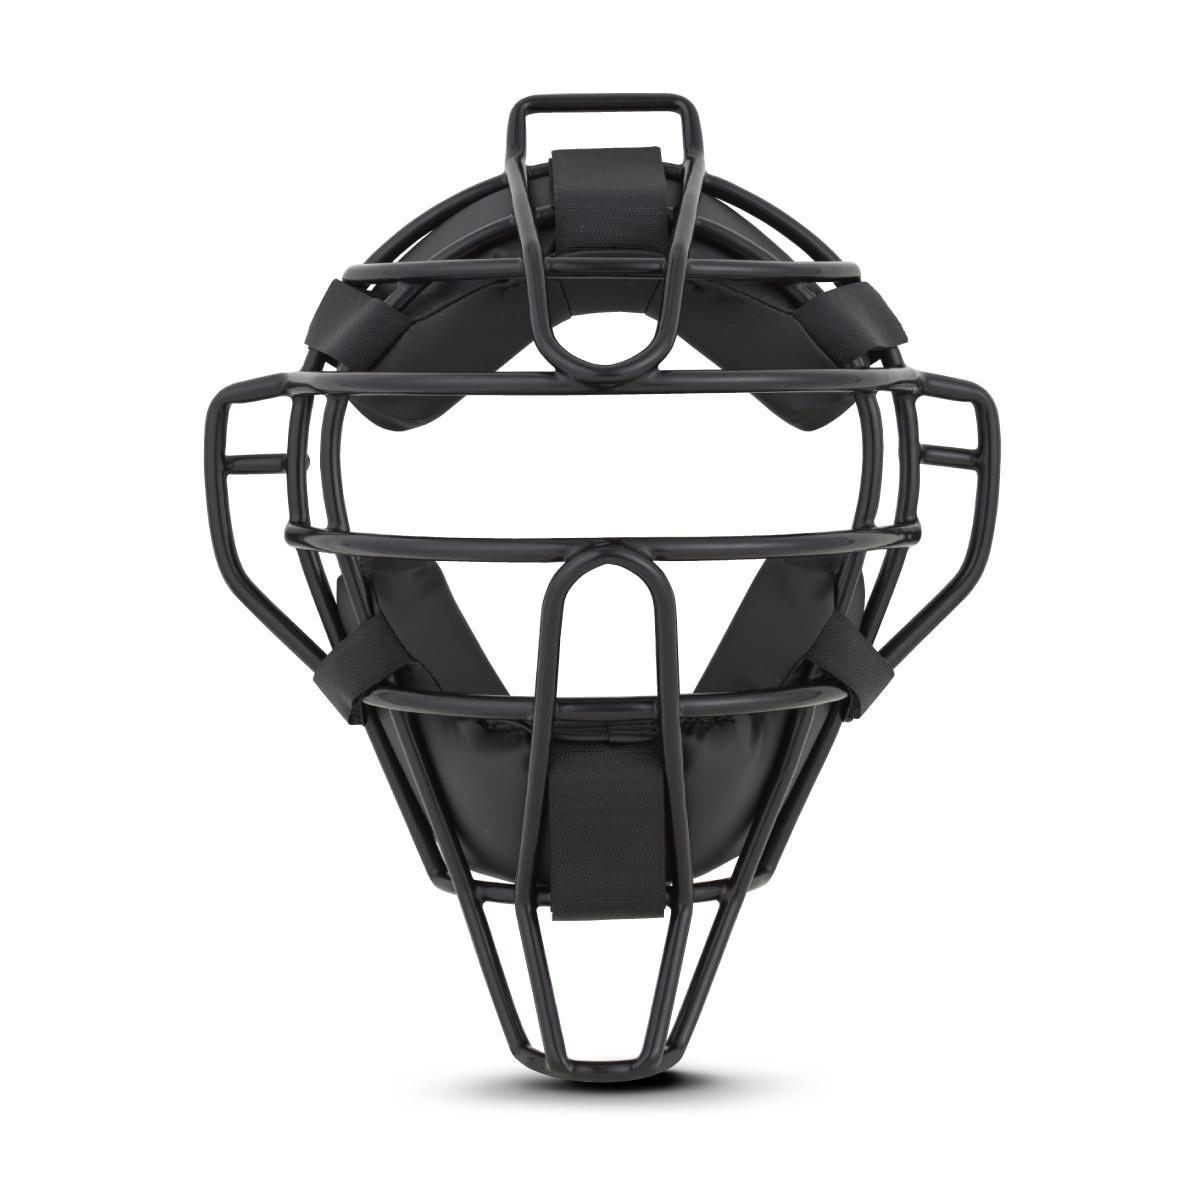 ウィルソン(Wilson) 【高校野球対応】審判用マスク(スチールフレーム) アンパイアギア メンズ WTA3019SA